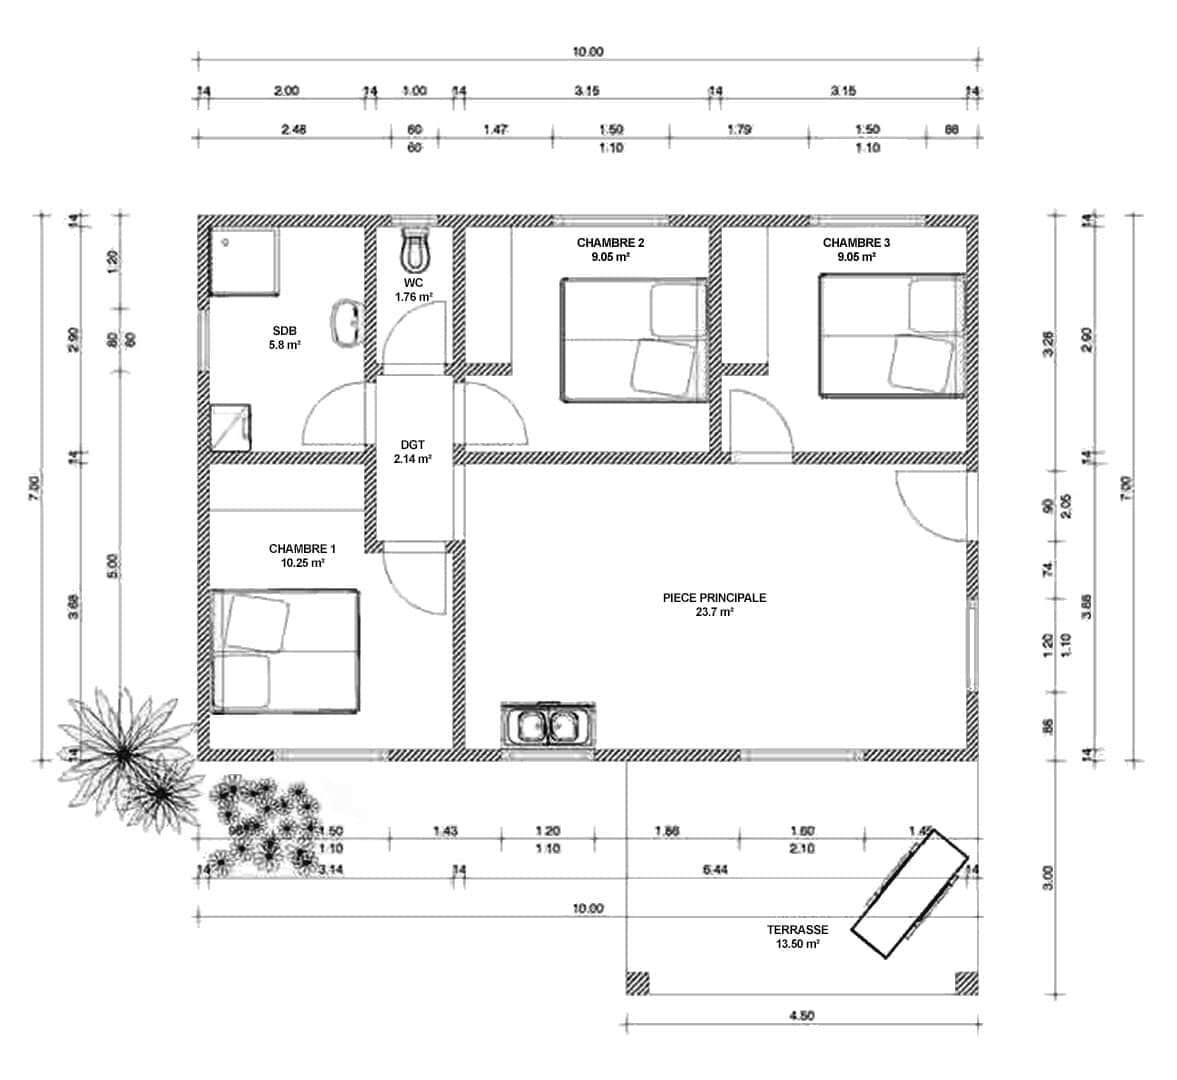 orelia maison en bois ossature m tallique en acier l ger. Black Bedroom Furniture Sets. Home Design Ideas